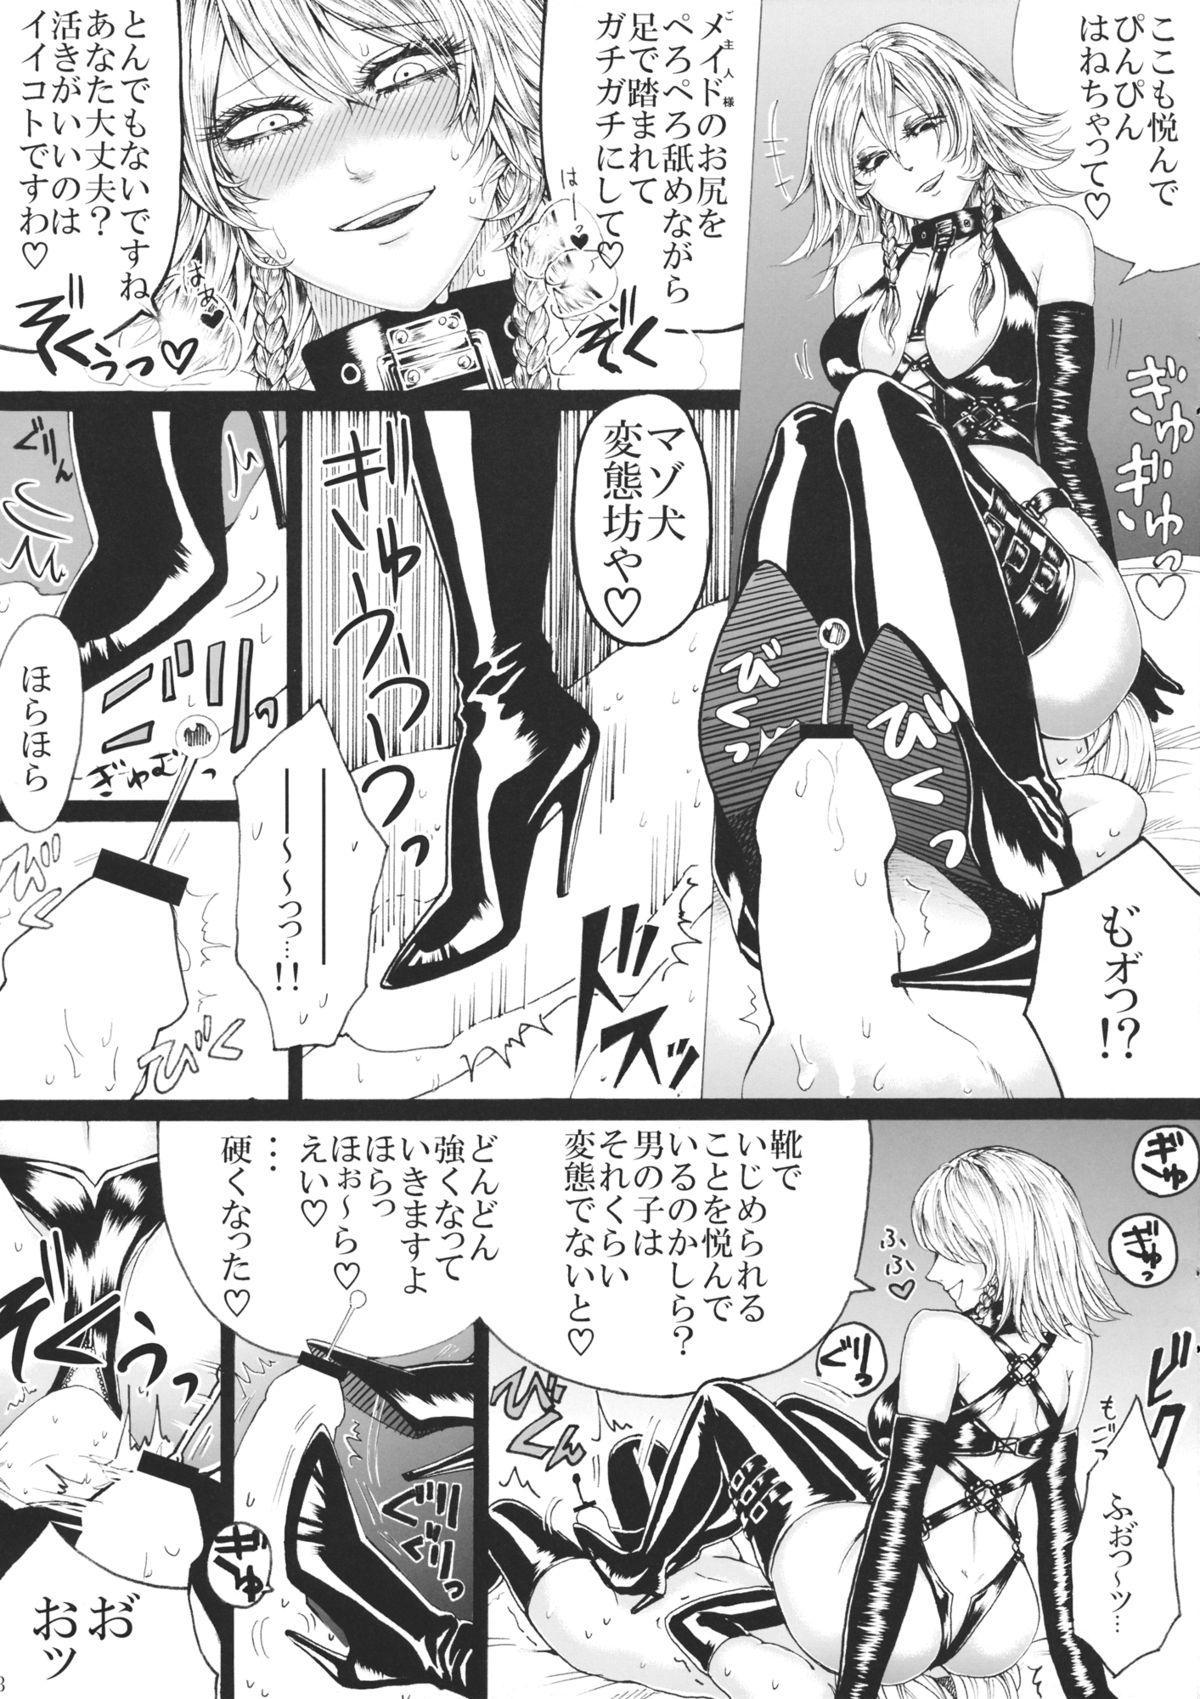 Izayoi Sakuya no Ikinuki Chouri 11